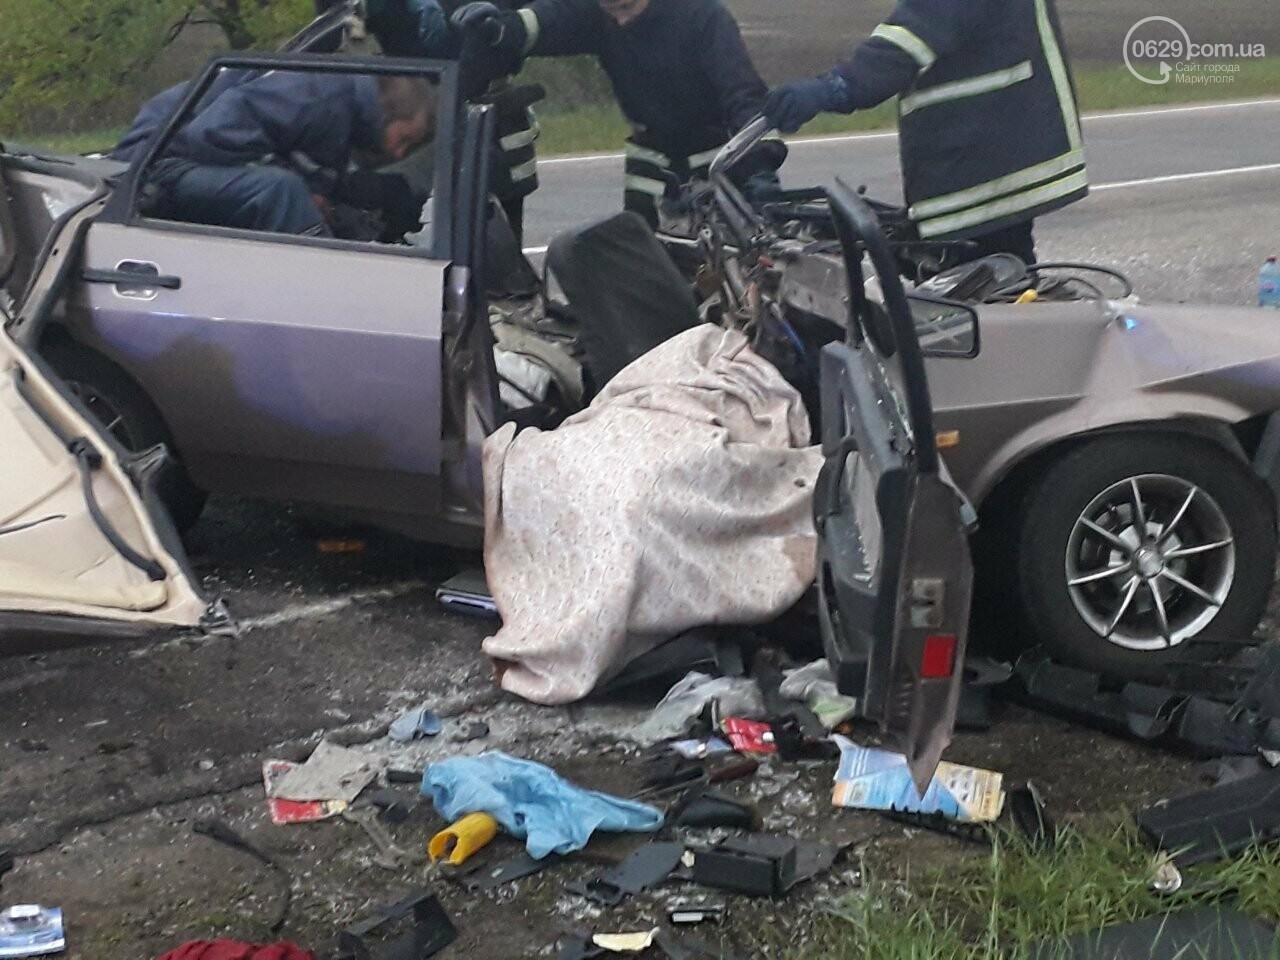 Жуткое ДТП на трассе Мариуполь-Бердянск. Есть погибший, - ФОТО, фото-2